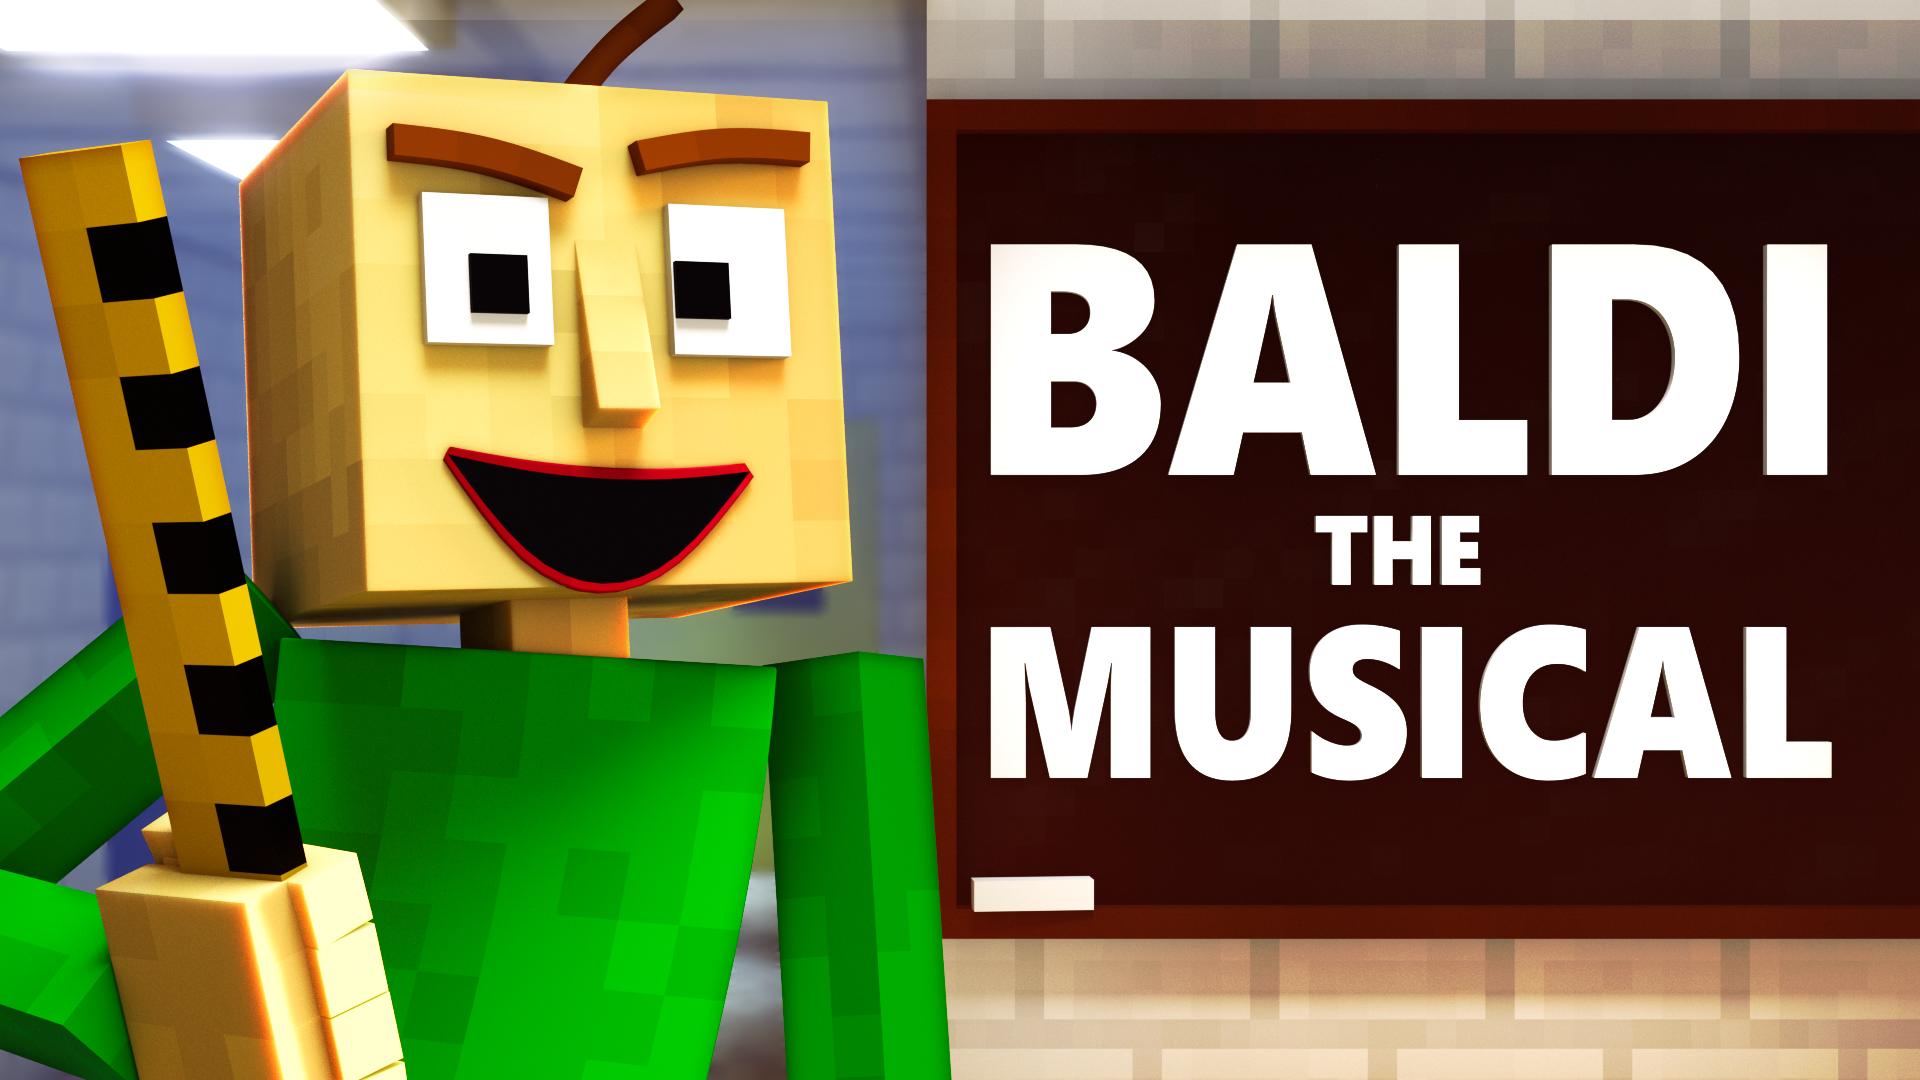 Baldi's Basics The Musical